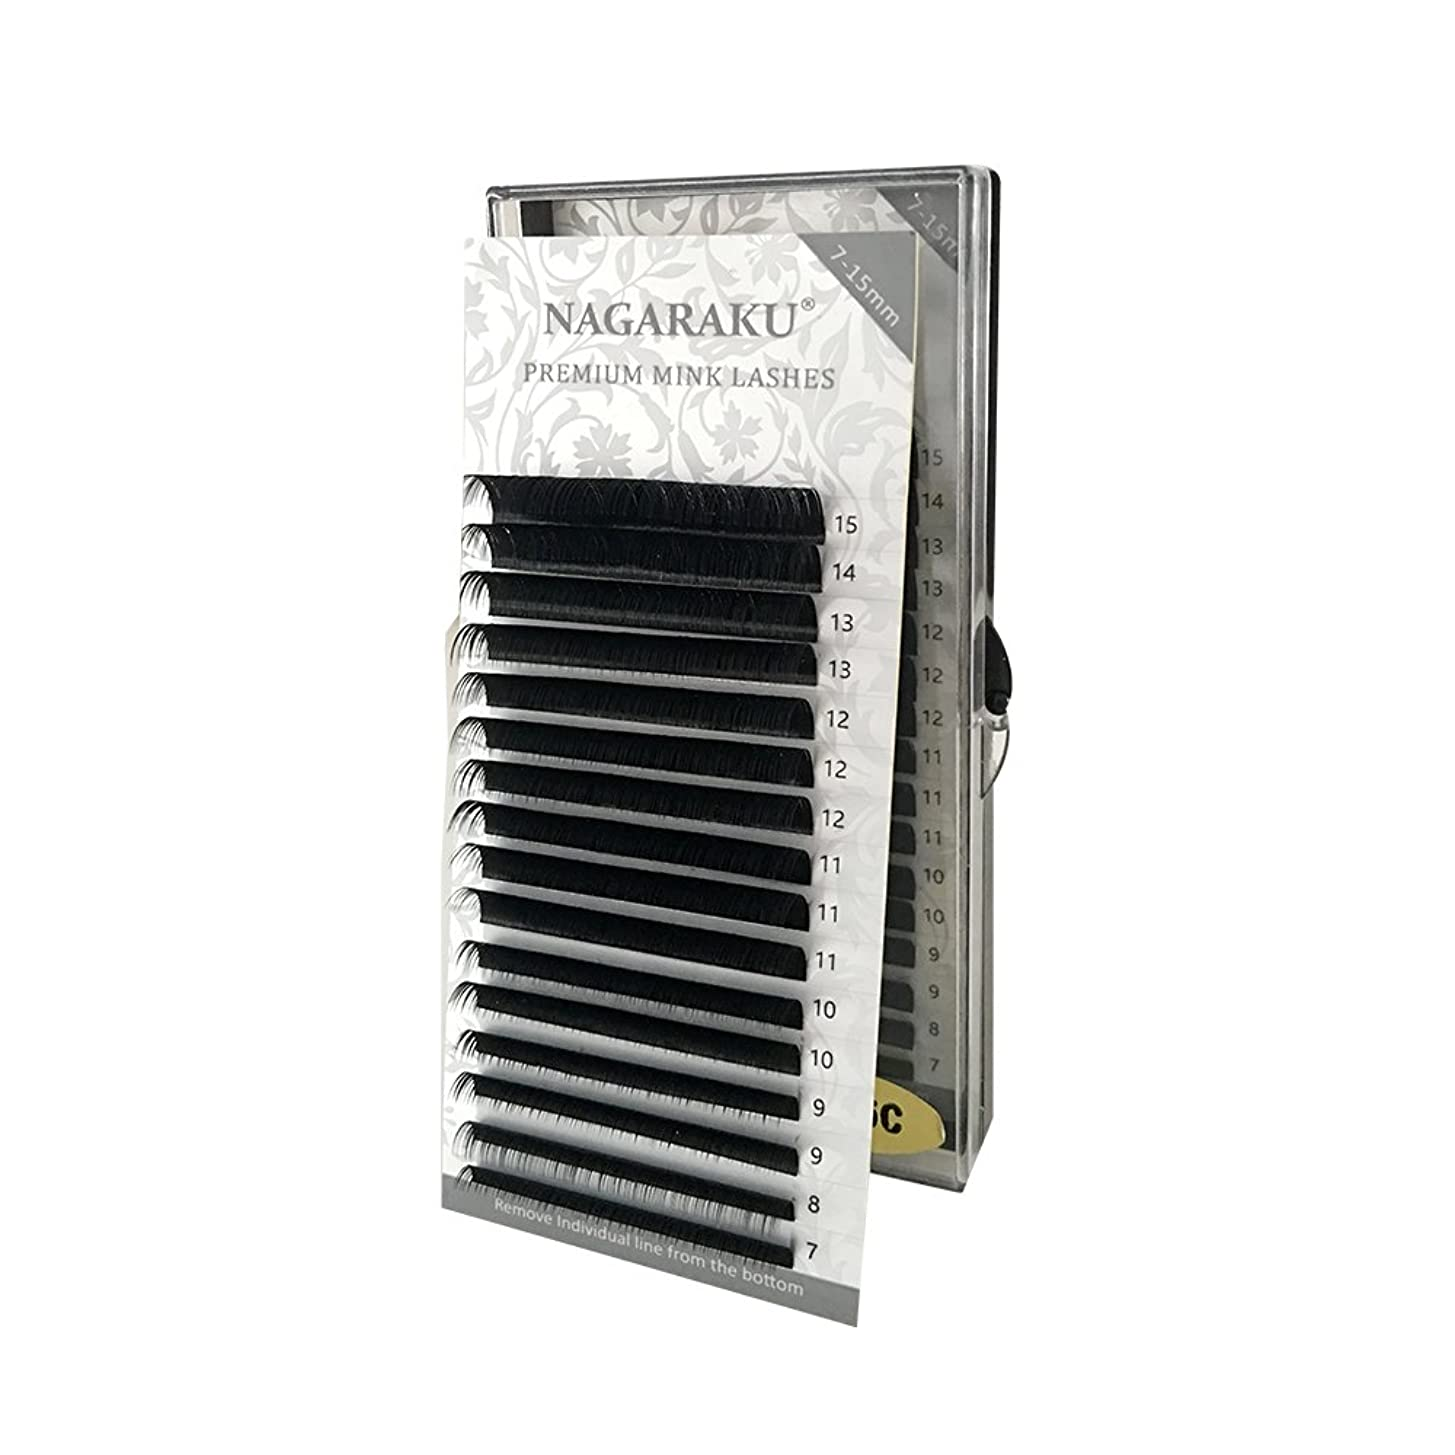 袋型ブートNAGARAKU 太さ0.12mm J カール 7~15mmミックス まつ毛エクステンション